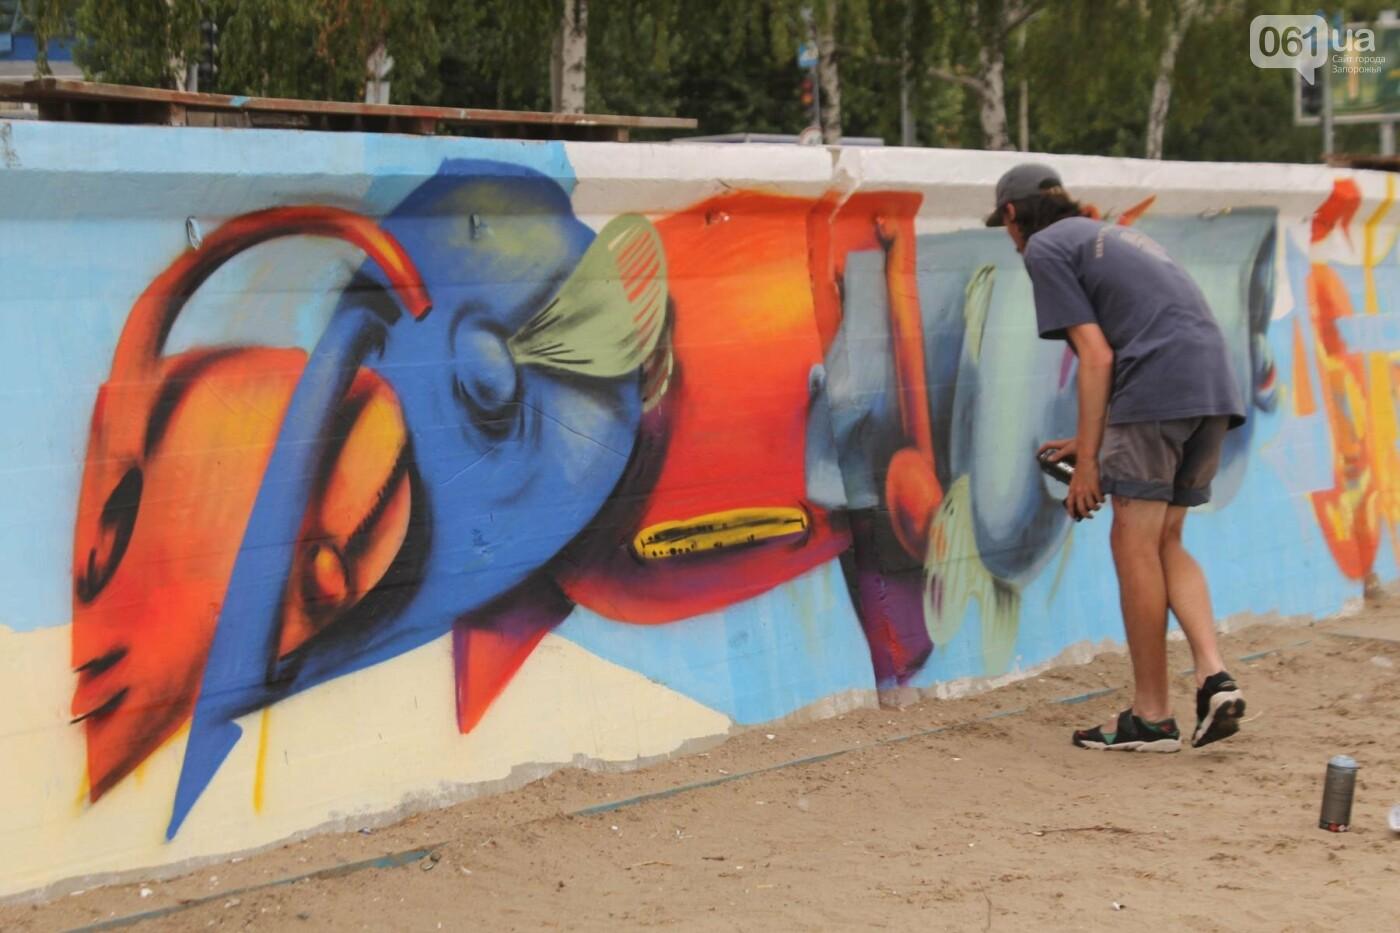 В Запорожье на пляже закончился фестиваль граффити: разрисовали 150 метров бетонной стены, – ФОТОРЕПОРТАЖ, фото-29